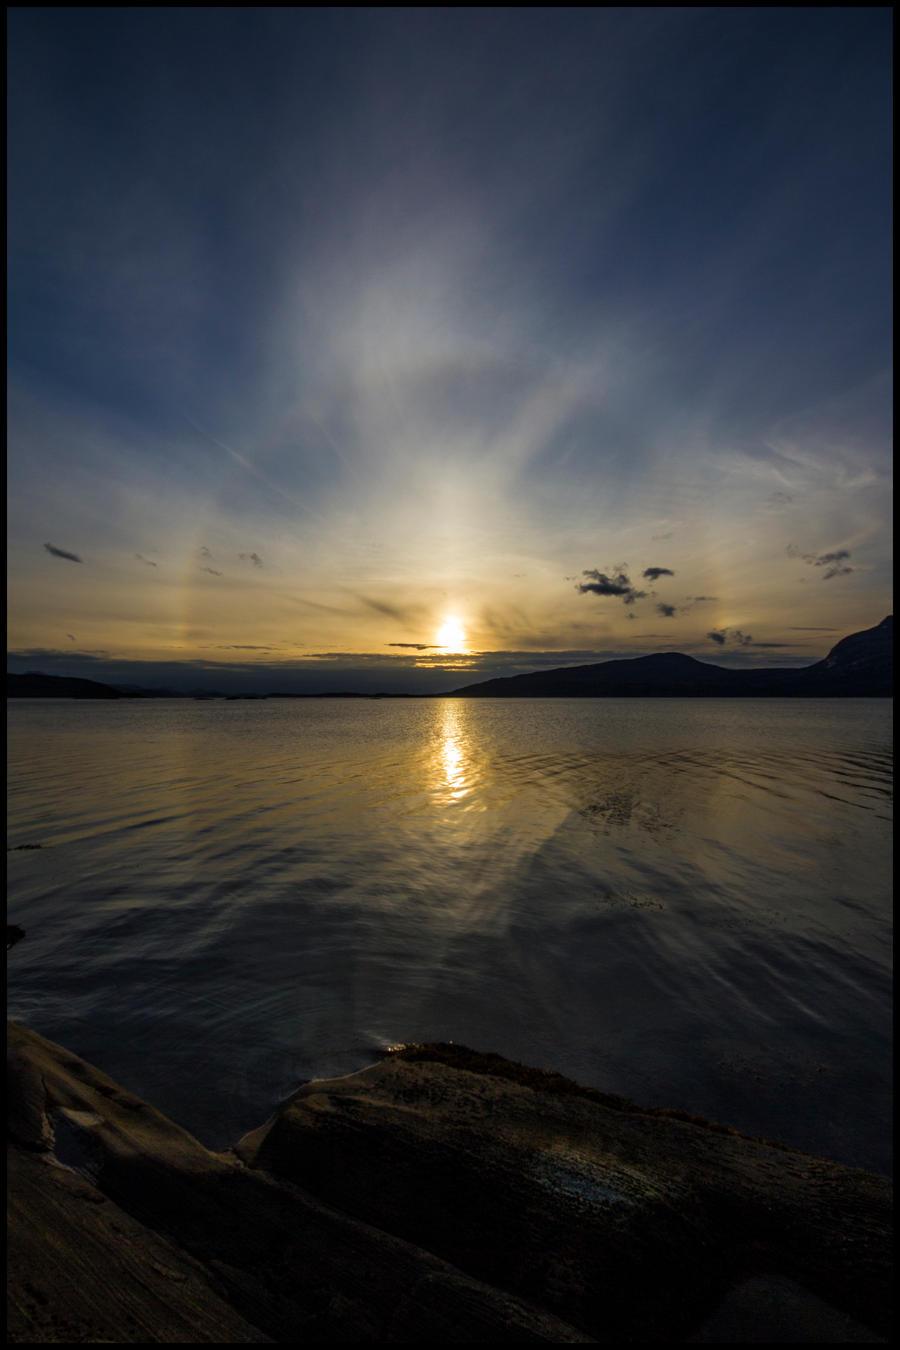 Sunset Halo by kongdaniel